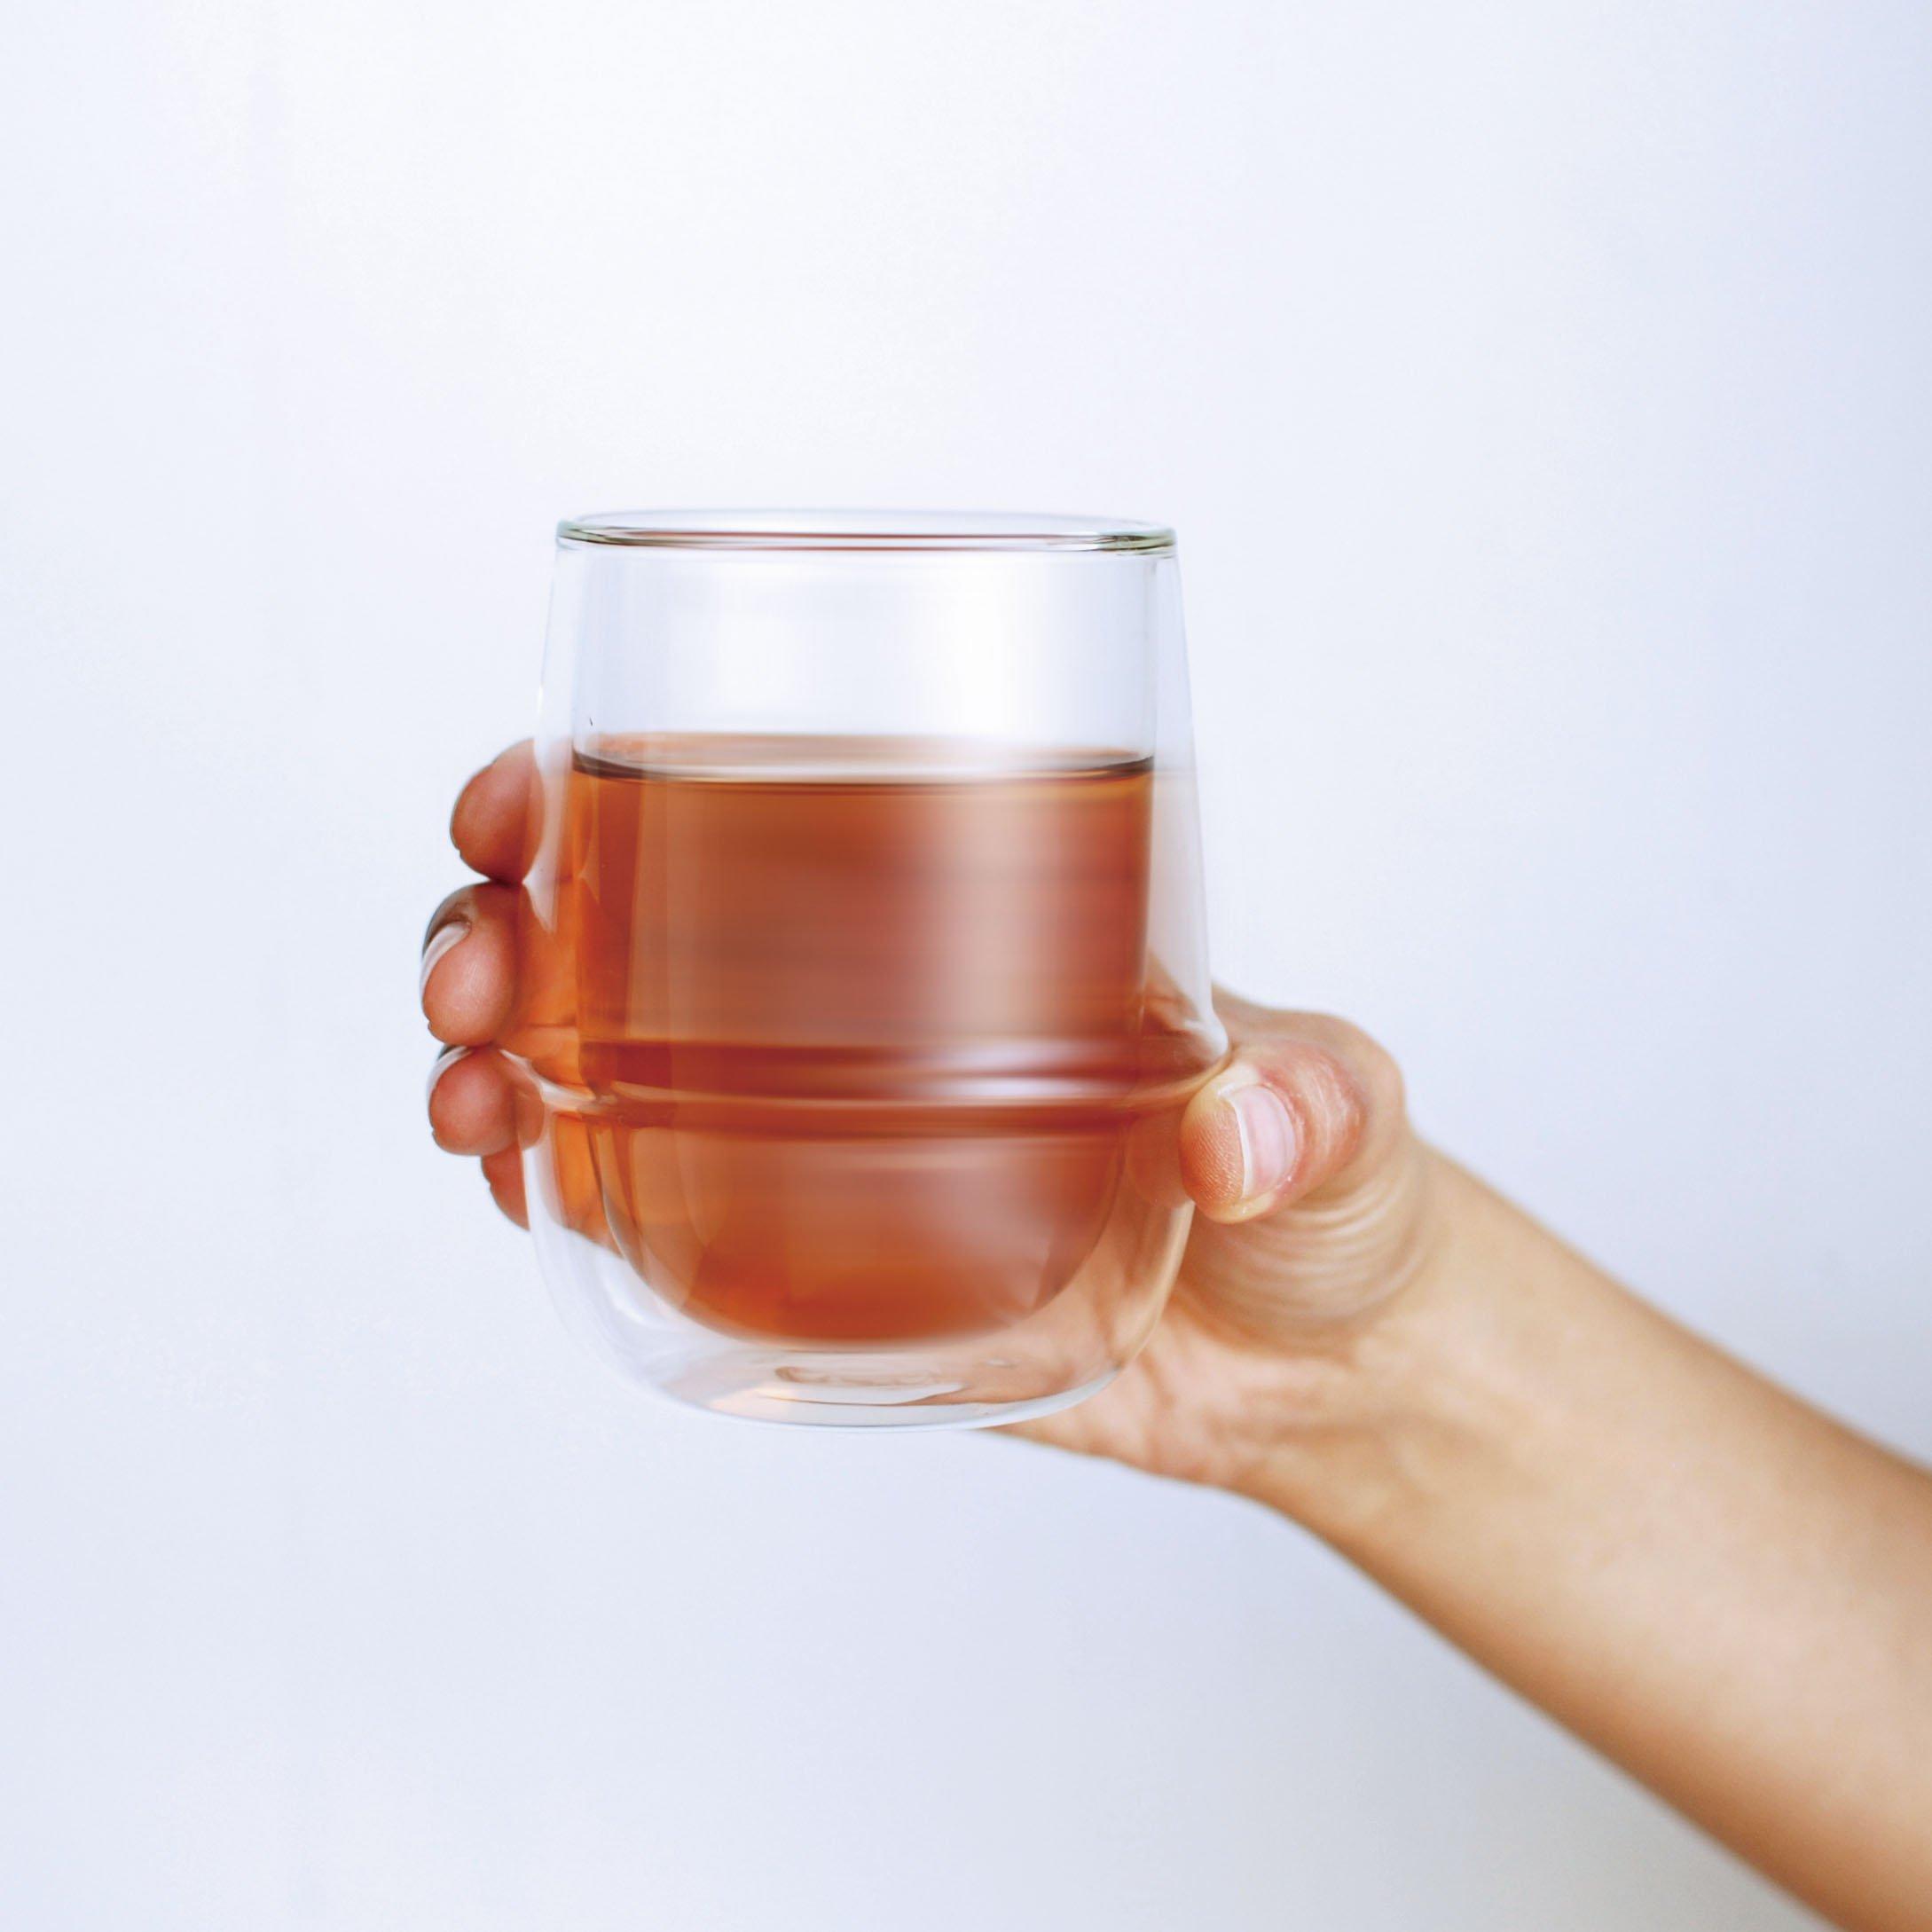 KINTO KRONOS DOUBLE WALL ICED TEA GLASS 350ML CLEAR THUMBNAIL 2